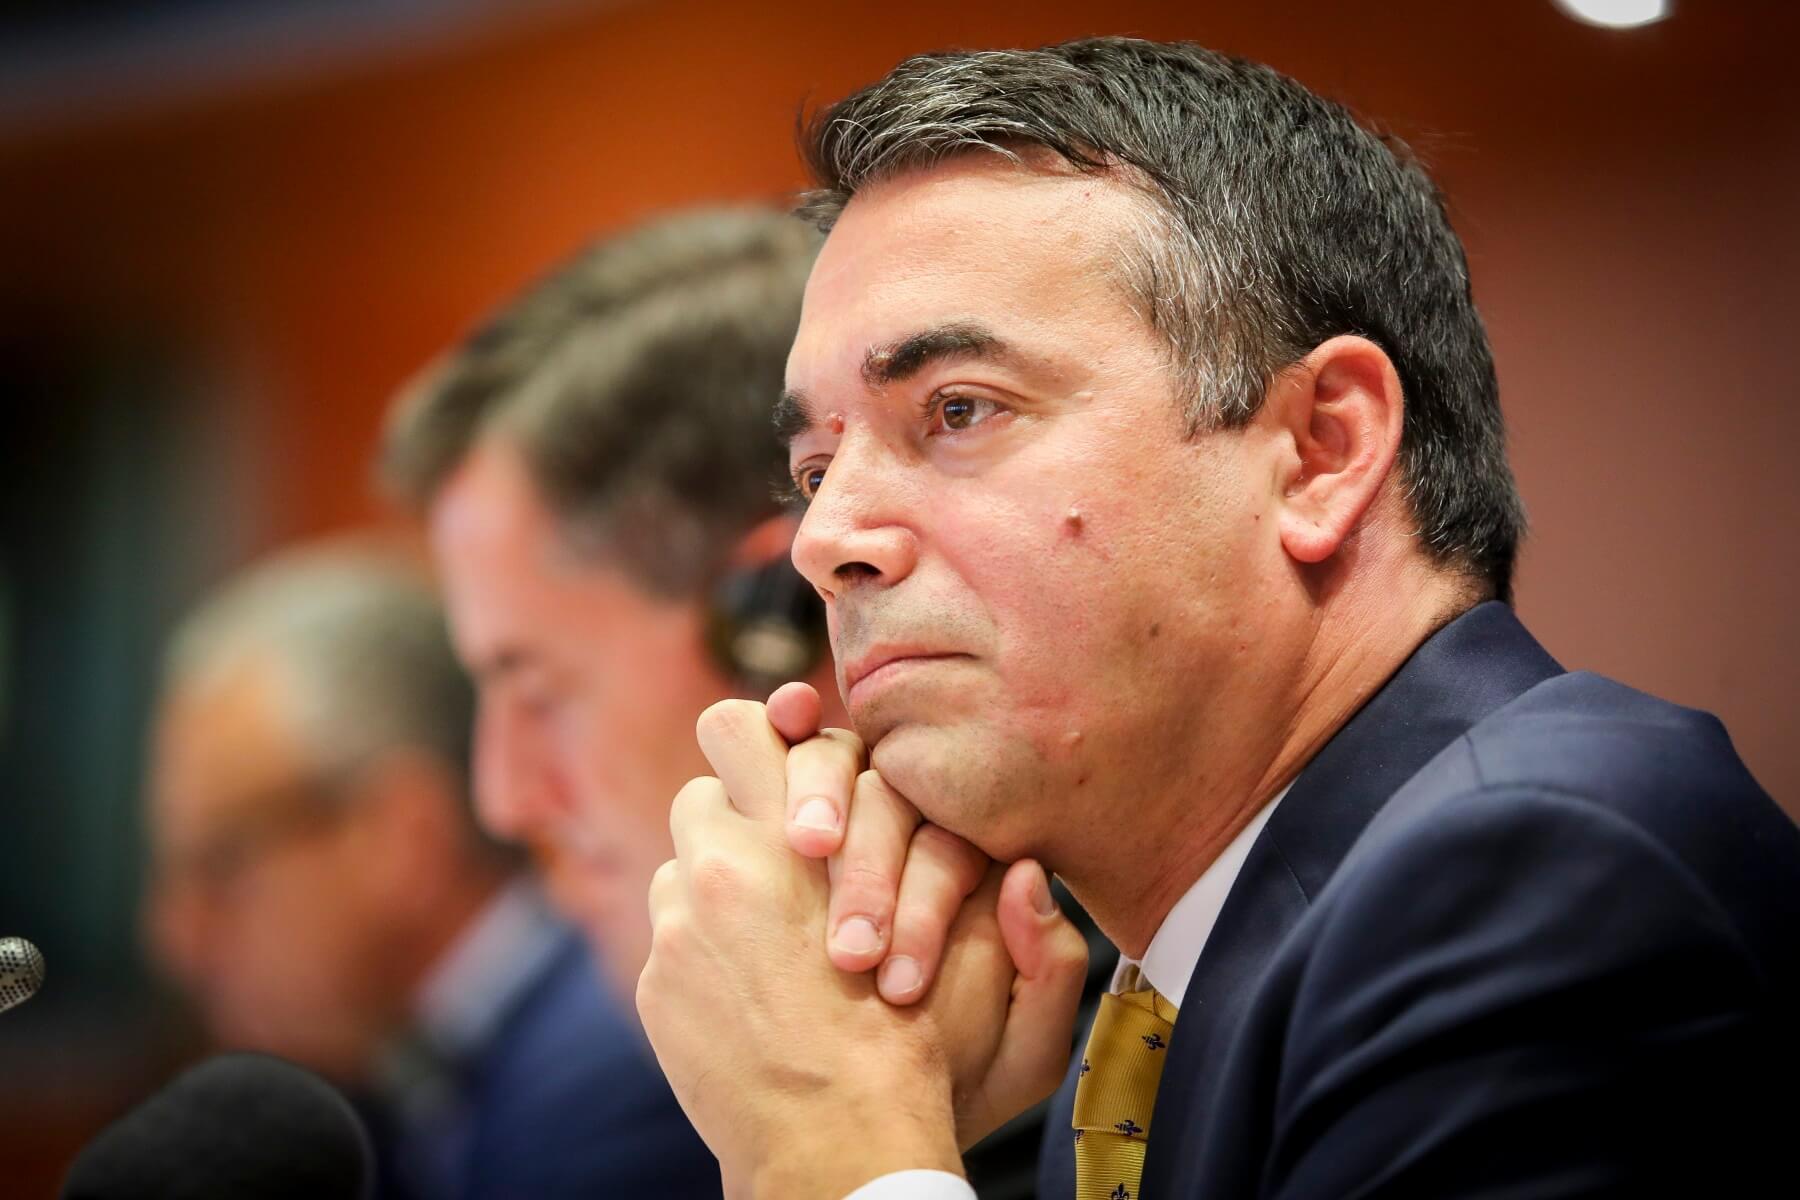 Σκόπια – Ντιμιτρόφ: Η Συμφωνία των Πρεσπών δείχνει ότι τα αδύνατα γίνονται δυνατά!